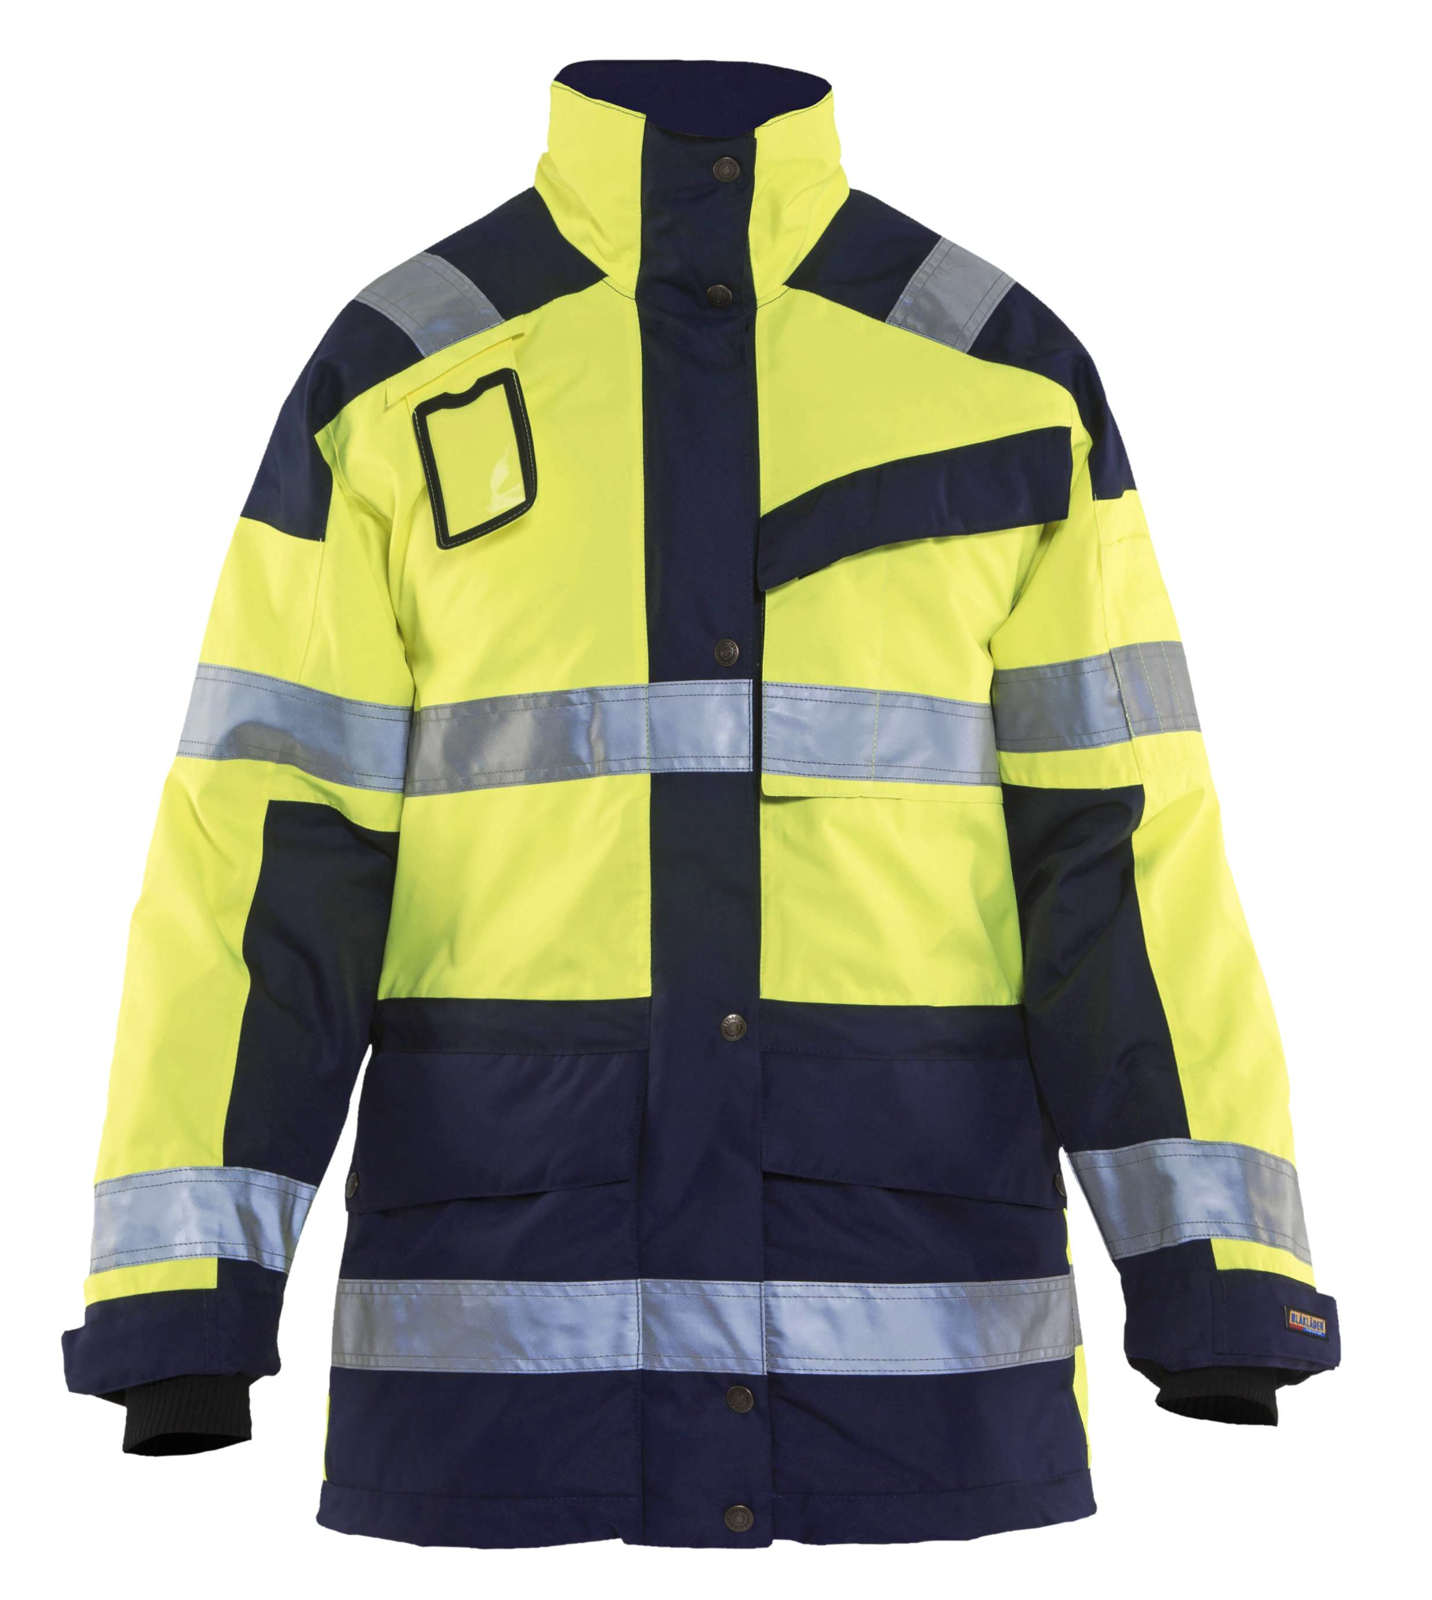 Blaklader Dames winterjassen 44271997 High Vis geel-marineblauw(3389)